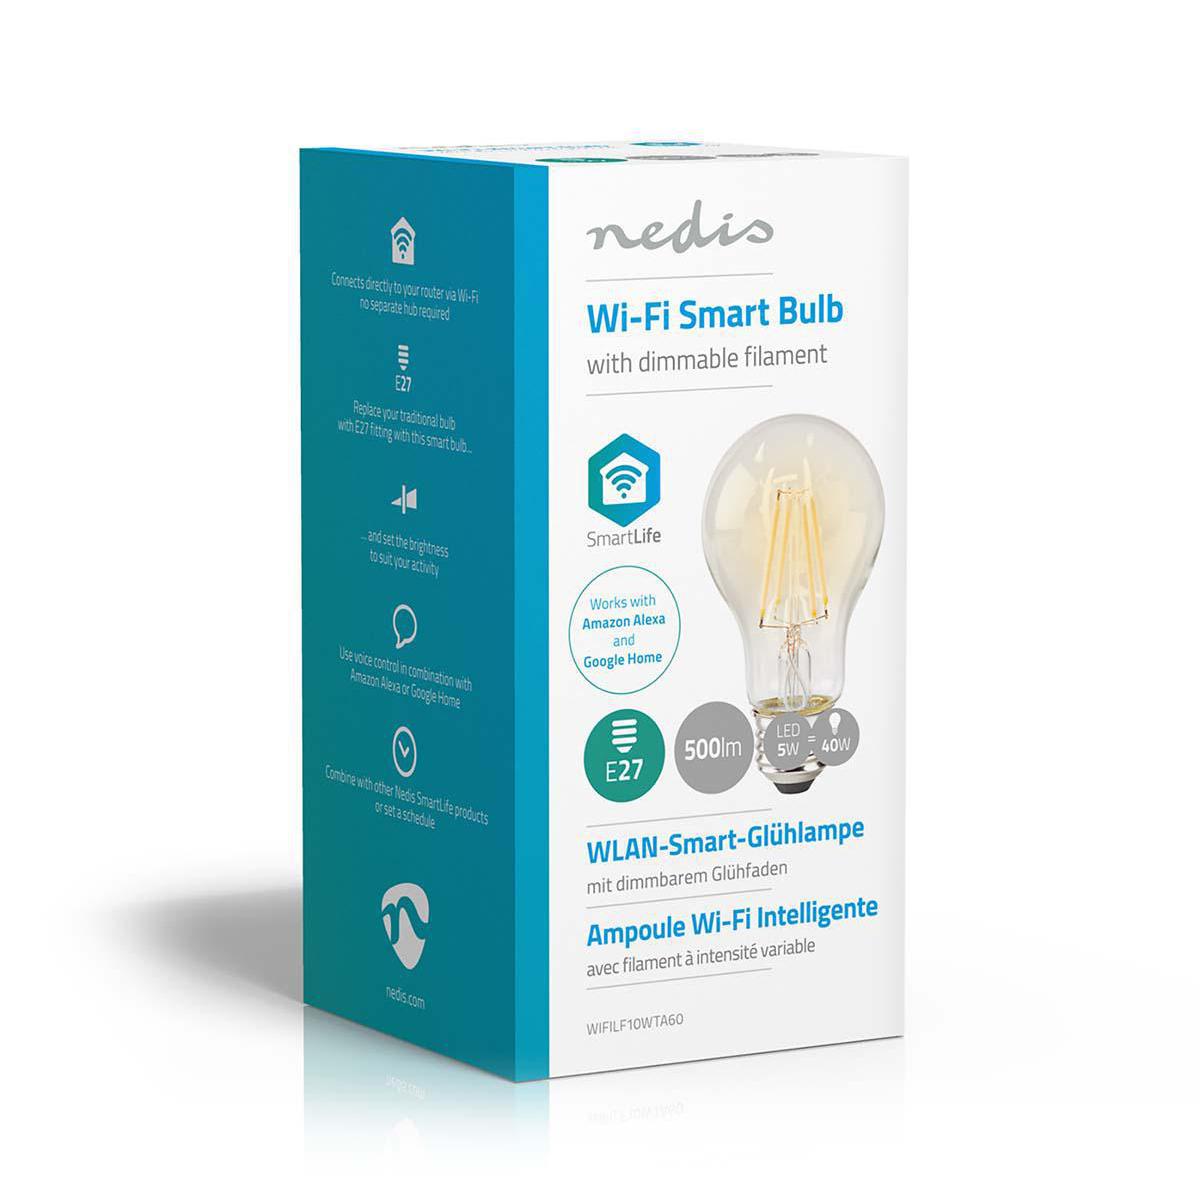 Slimme Wi-Fi Led Lamp helder glas 5 Watt 2700K warm wit - verpakking lamp schuin